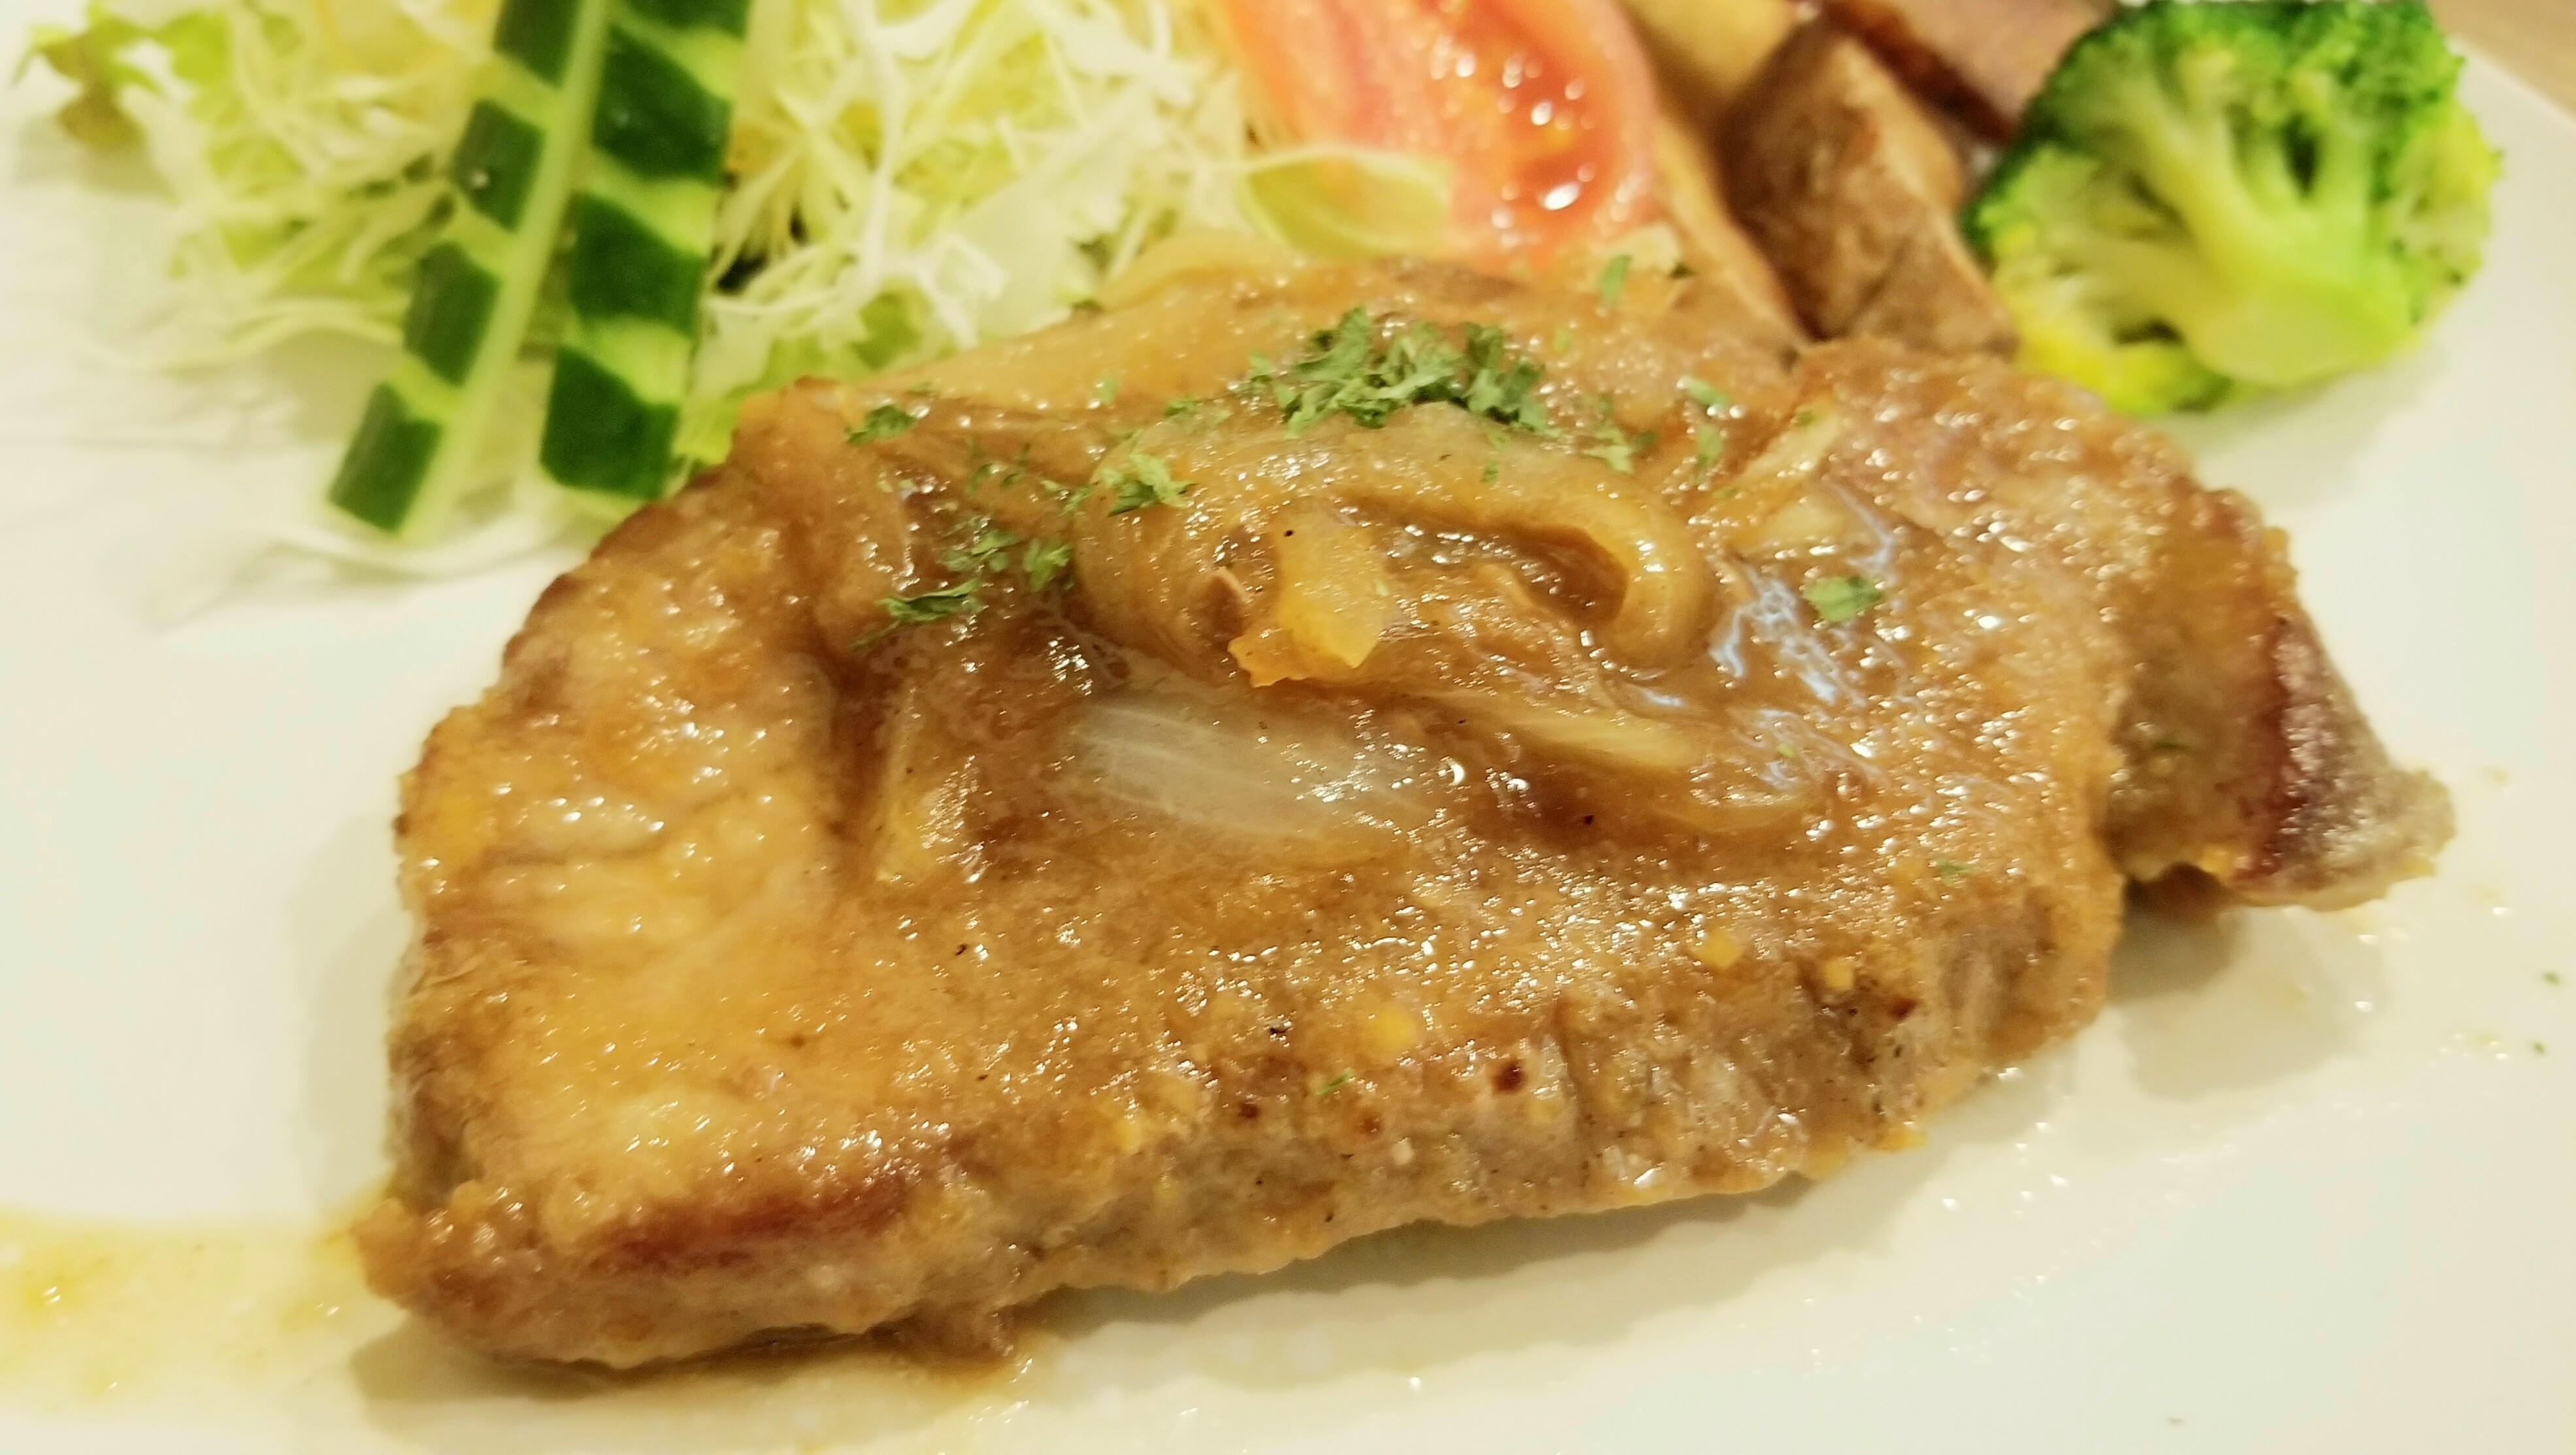 愛媛県松山市四国グルメおいしい洋食屋ポークジンジャーおすすめの店